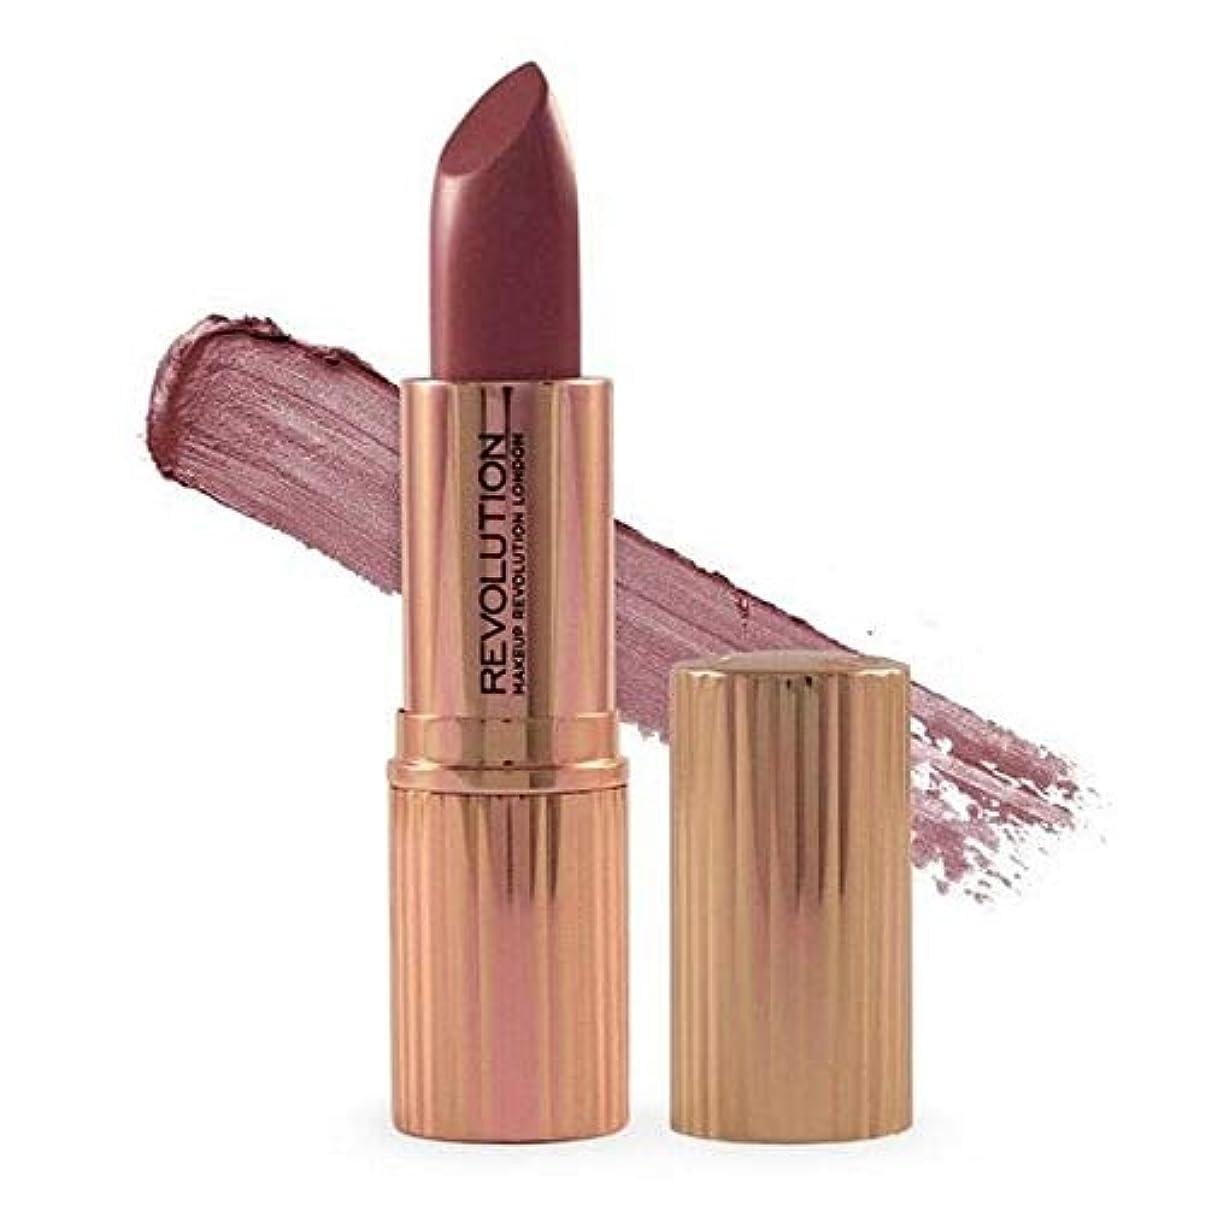 悲惨なメディア統合[Revolution ] 革命のルネサンス口紅更新 - Revolution Renaissance Lipstick Renew [並行輸入品]